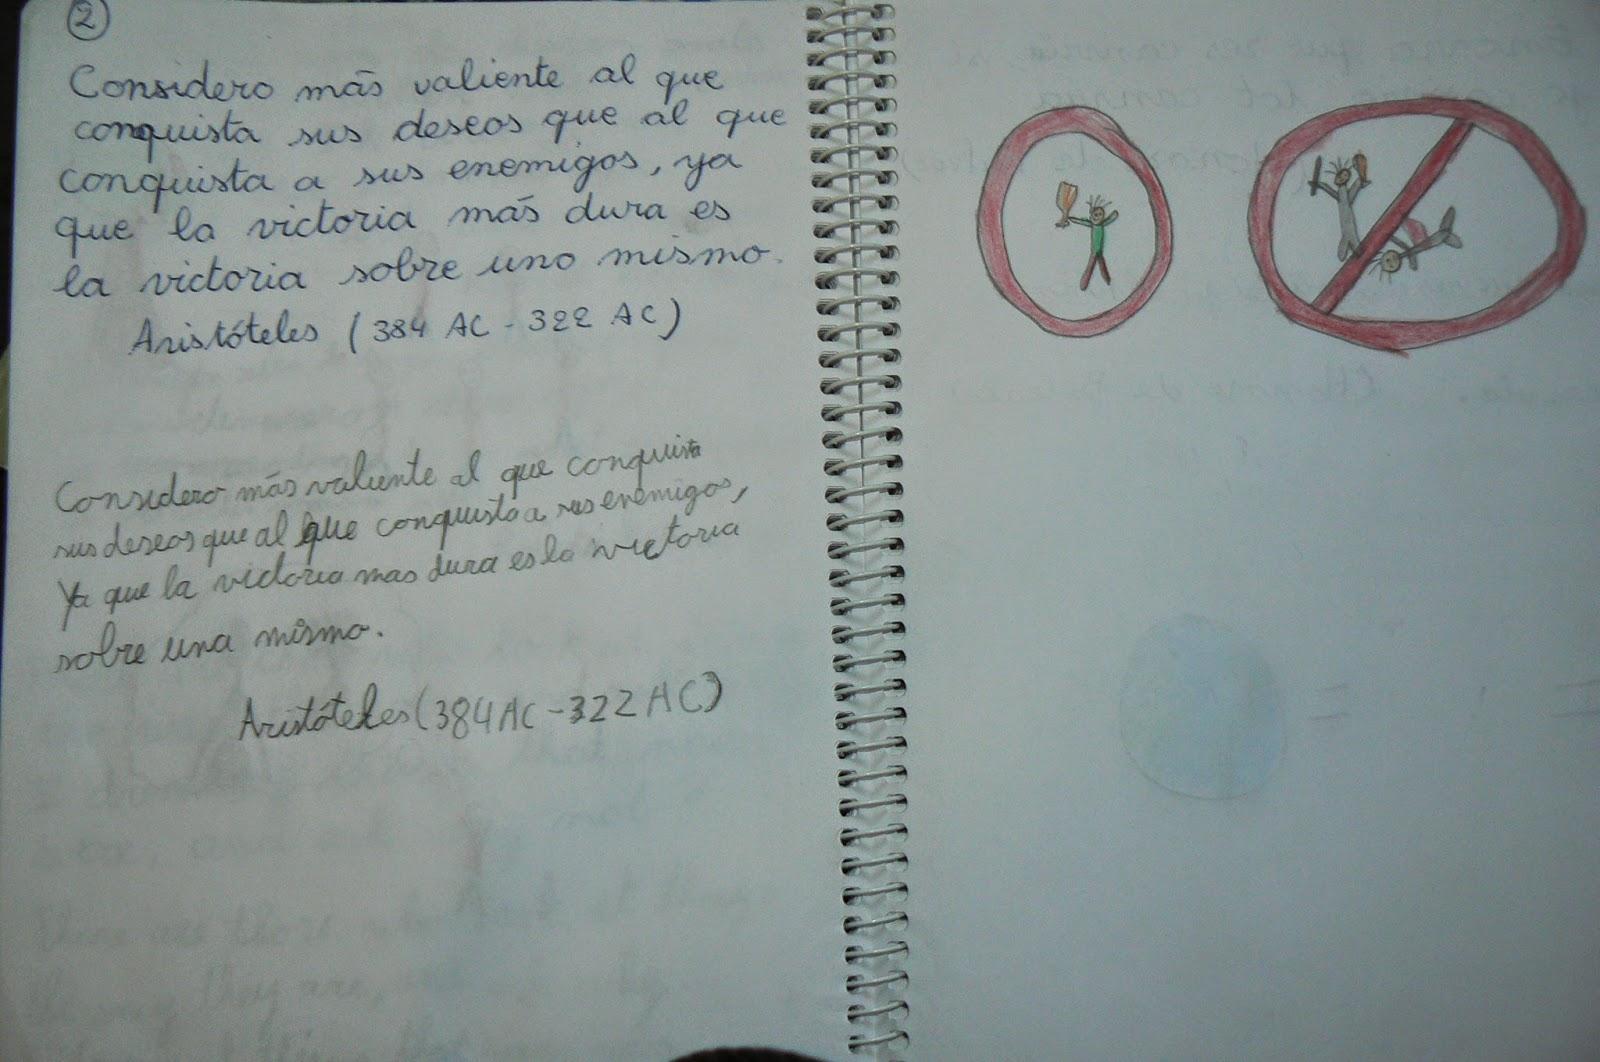 Orca Observar Recordar Crecer Y Aprender Libreta De Dibujo: Orca: Observar, Recordar, Crecer Y Aprender: Aprender